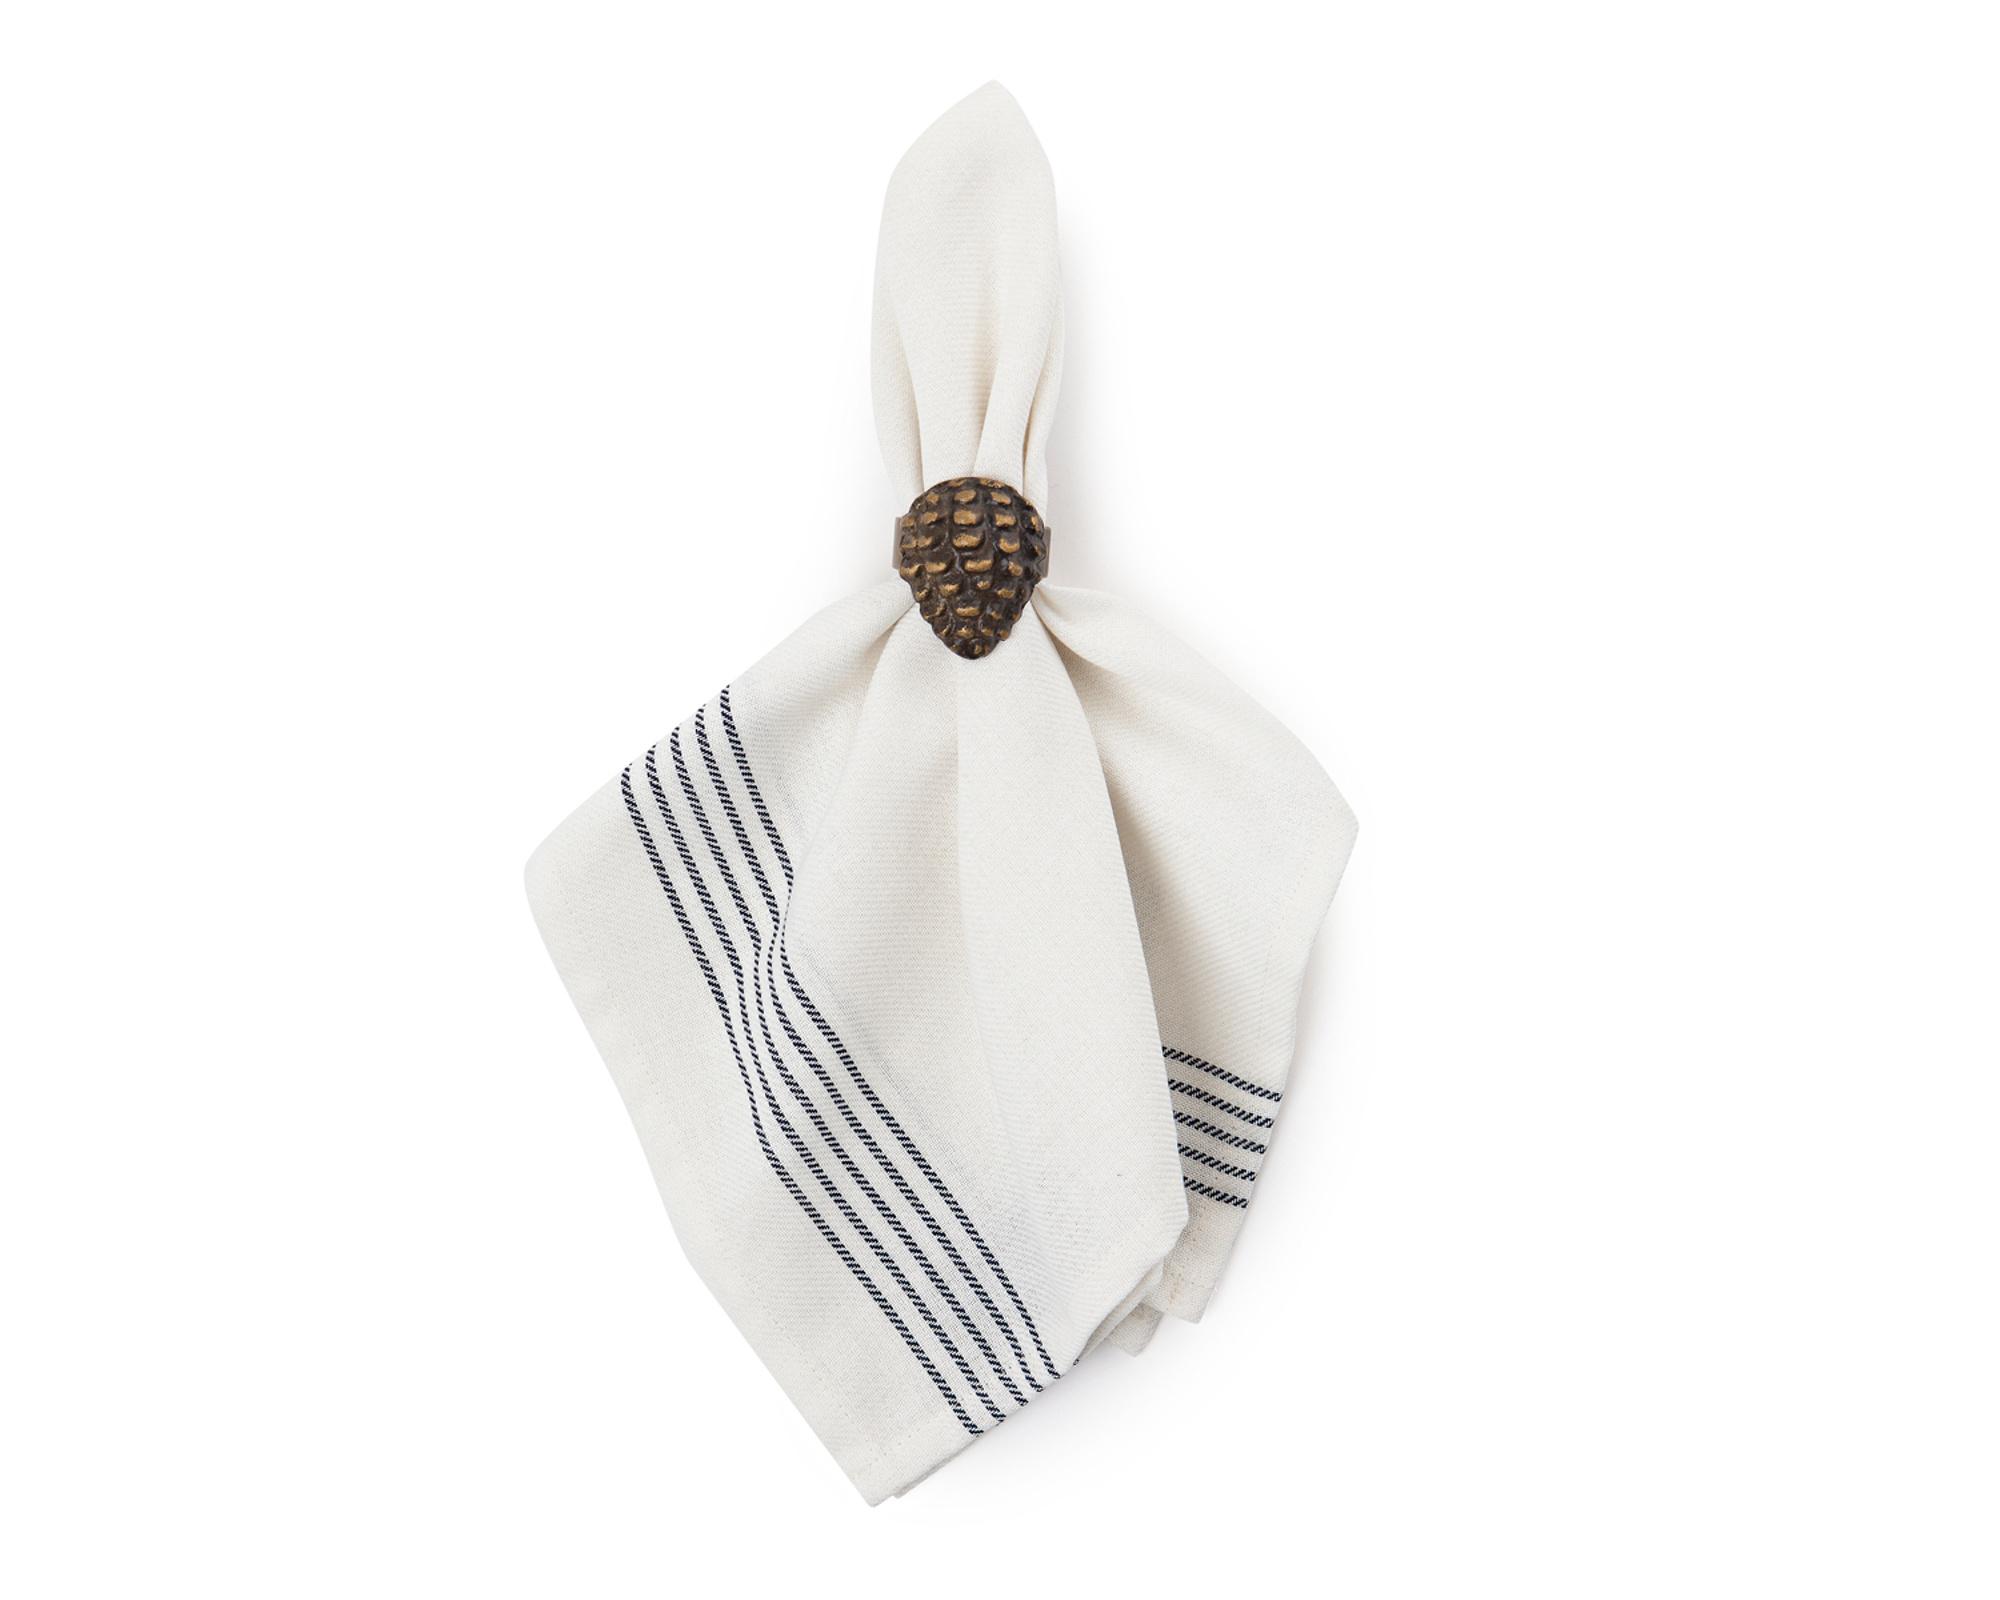 Napkin with Stripes, White